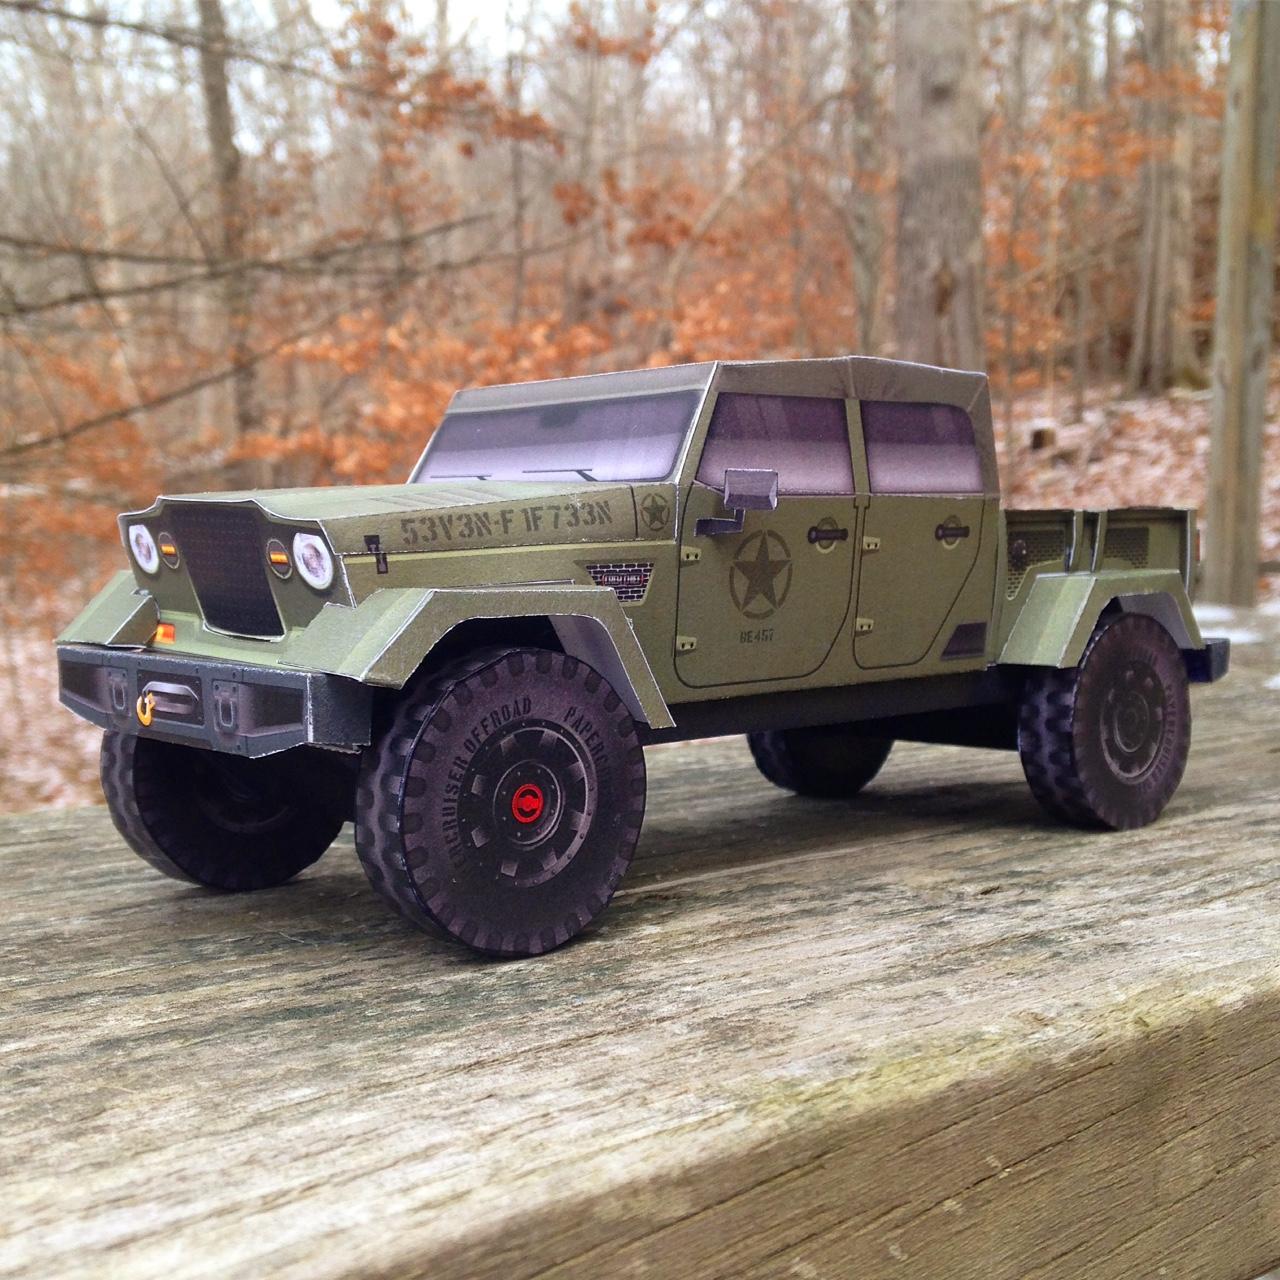 Jeep Crew Chief 715 Concept Fc Truck Model